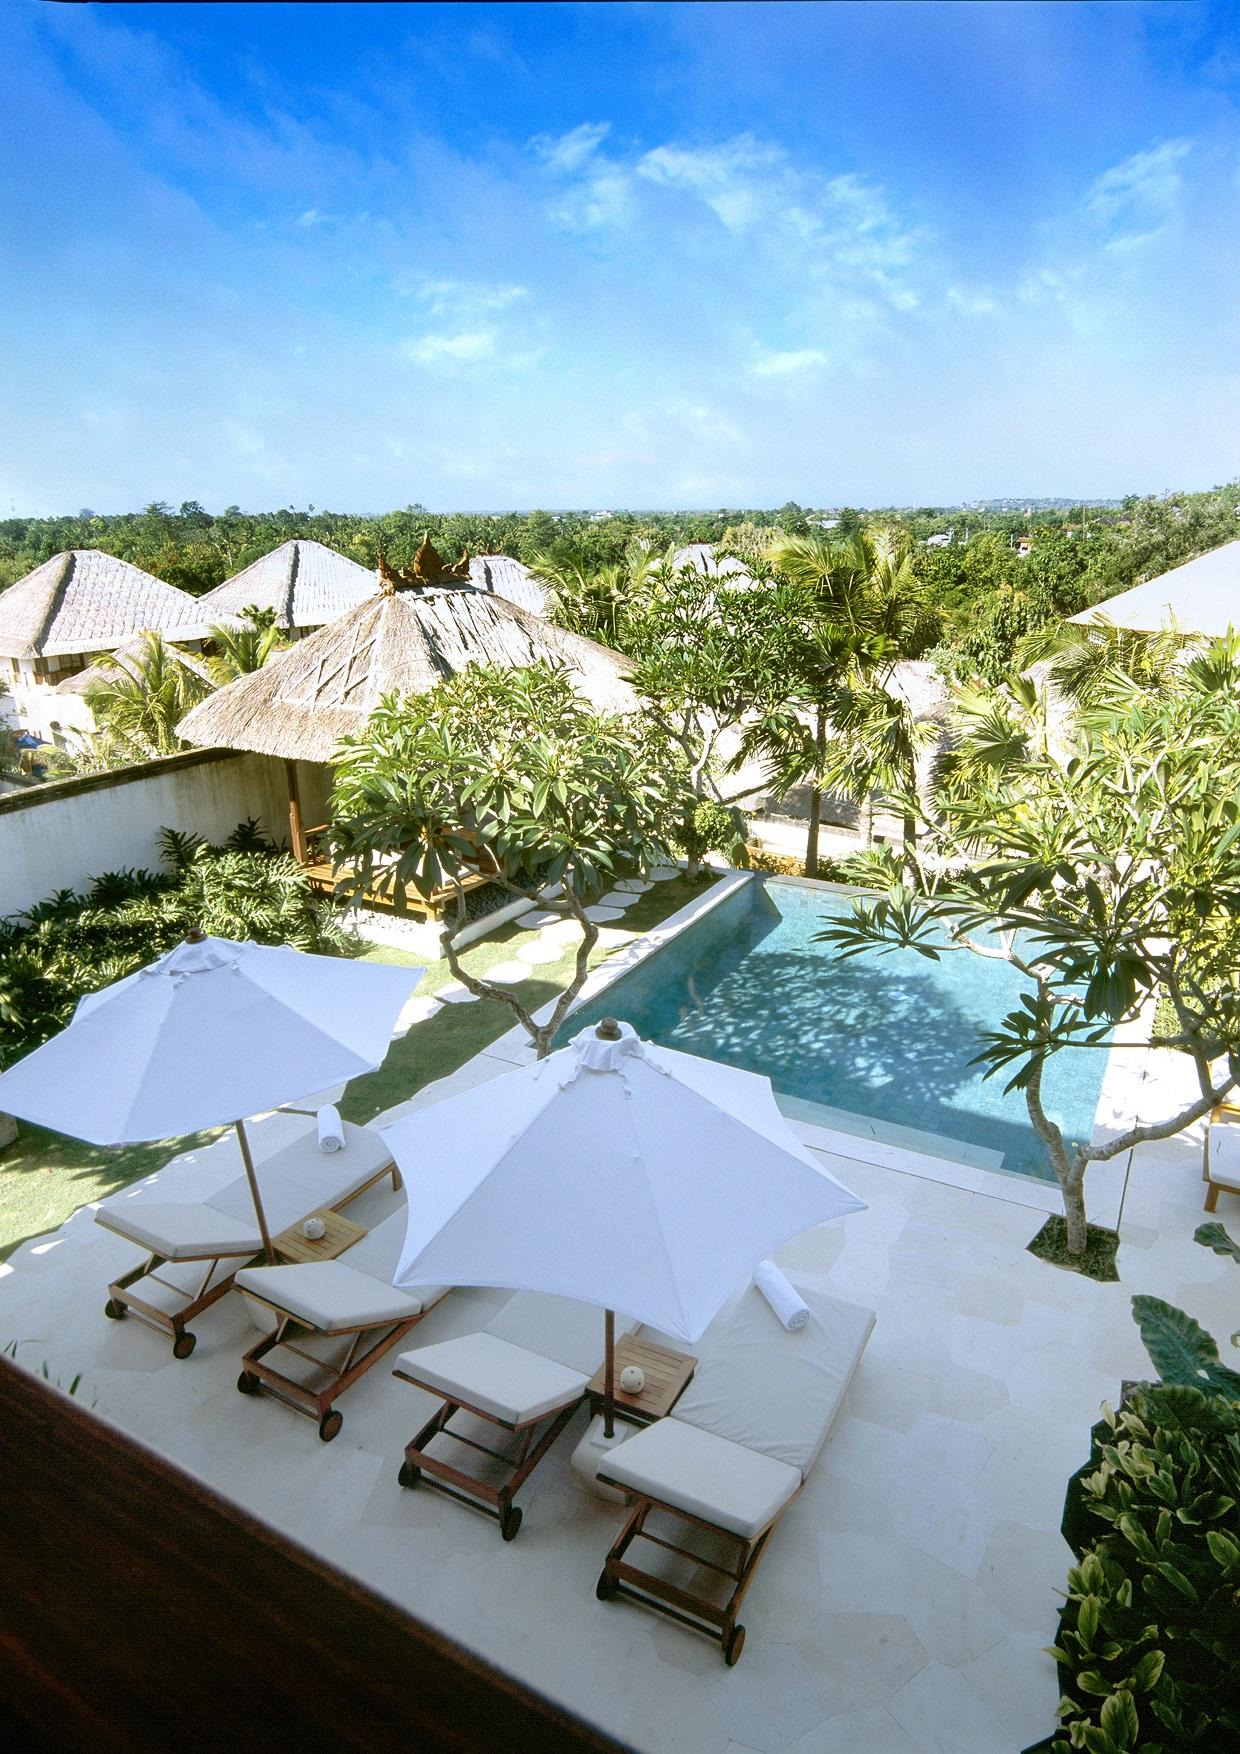 碧海蓝天,椰树沙滩和热带花园,卡玛金巴兰度假酒店正是享受巴厘岛惬意